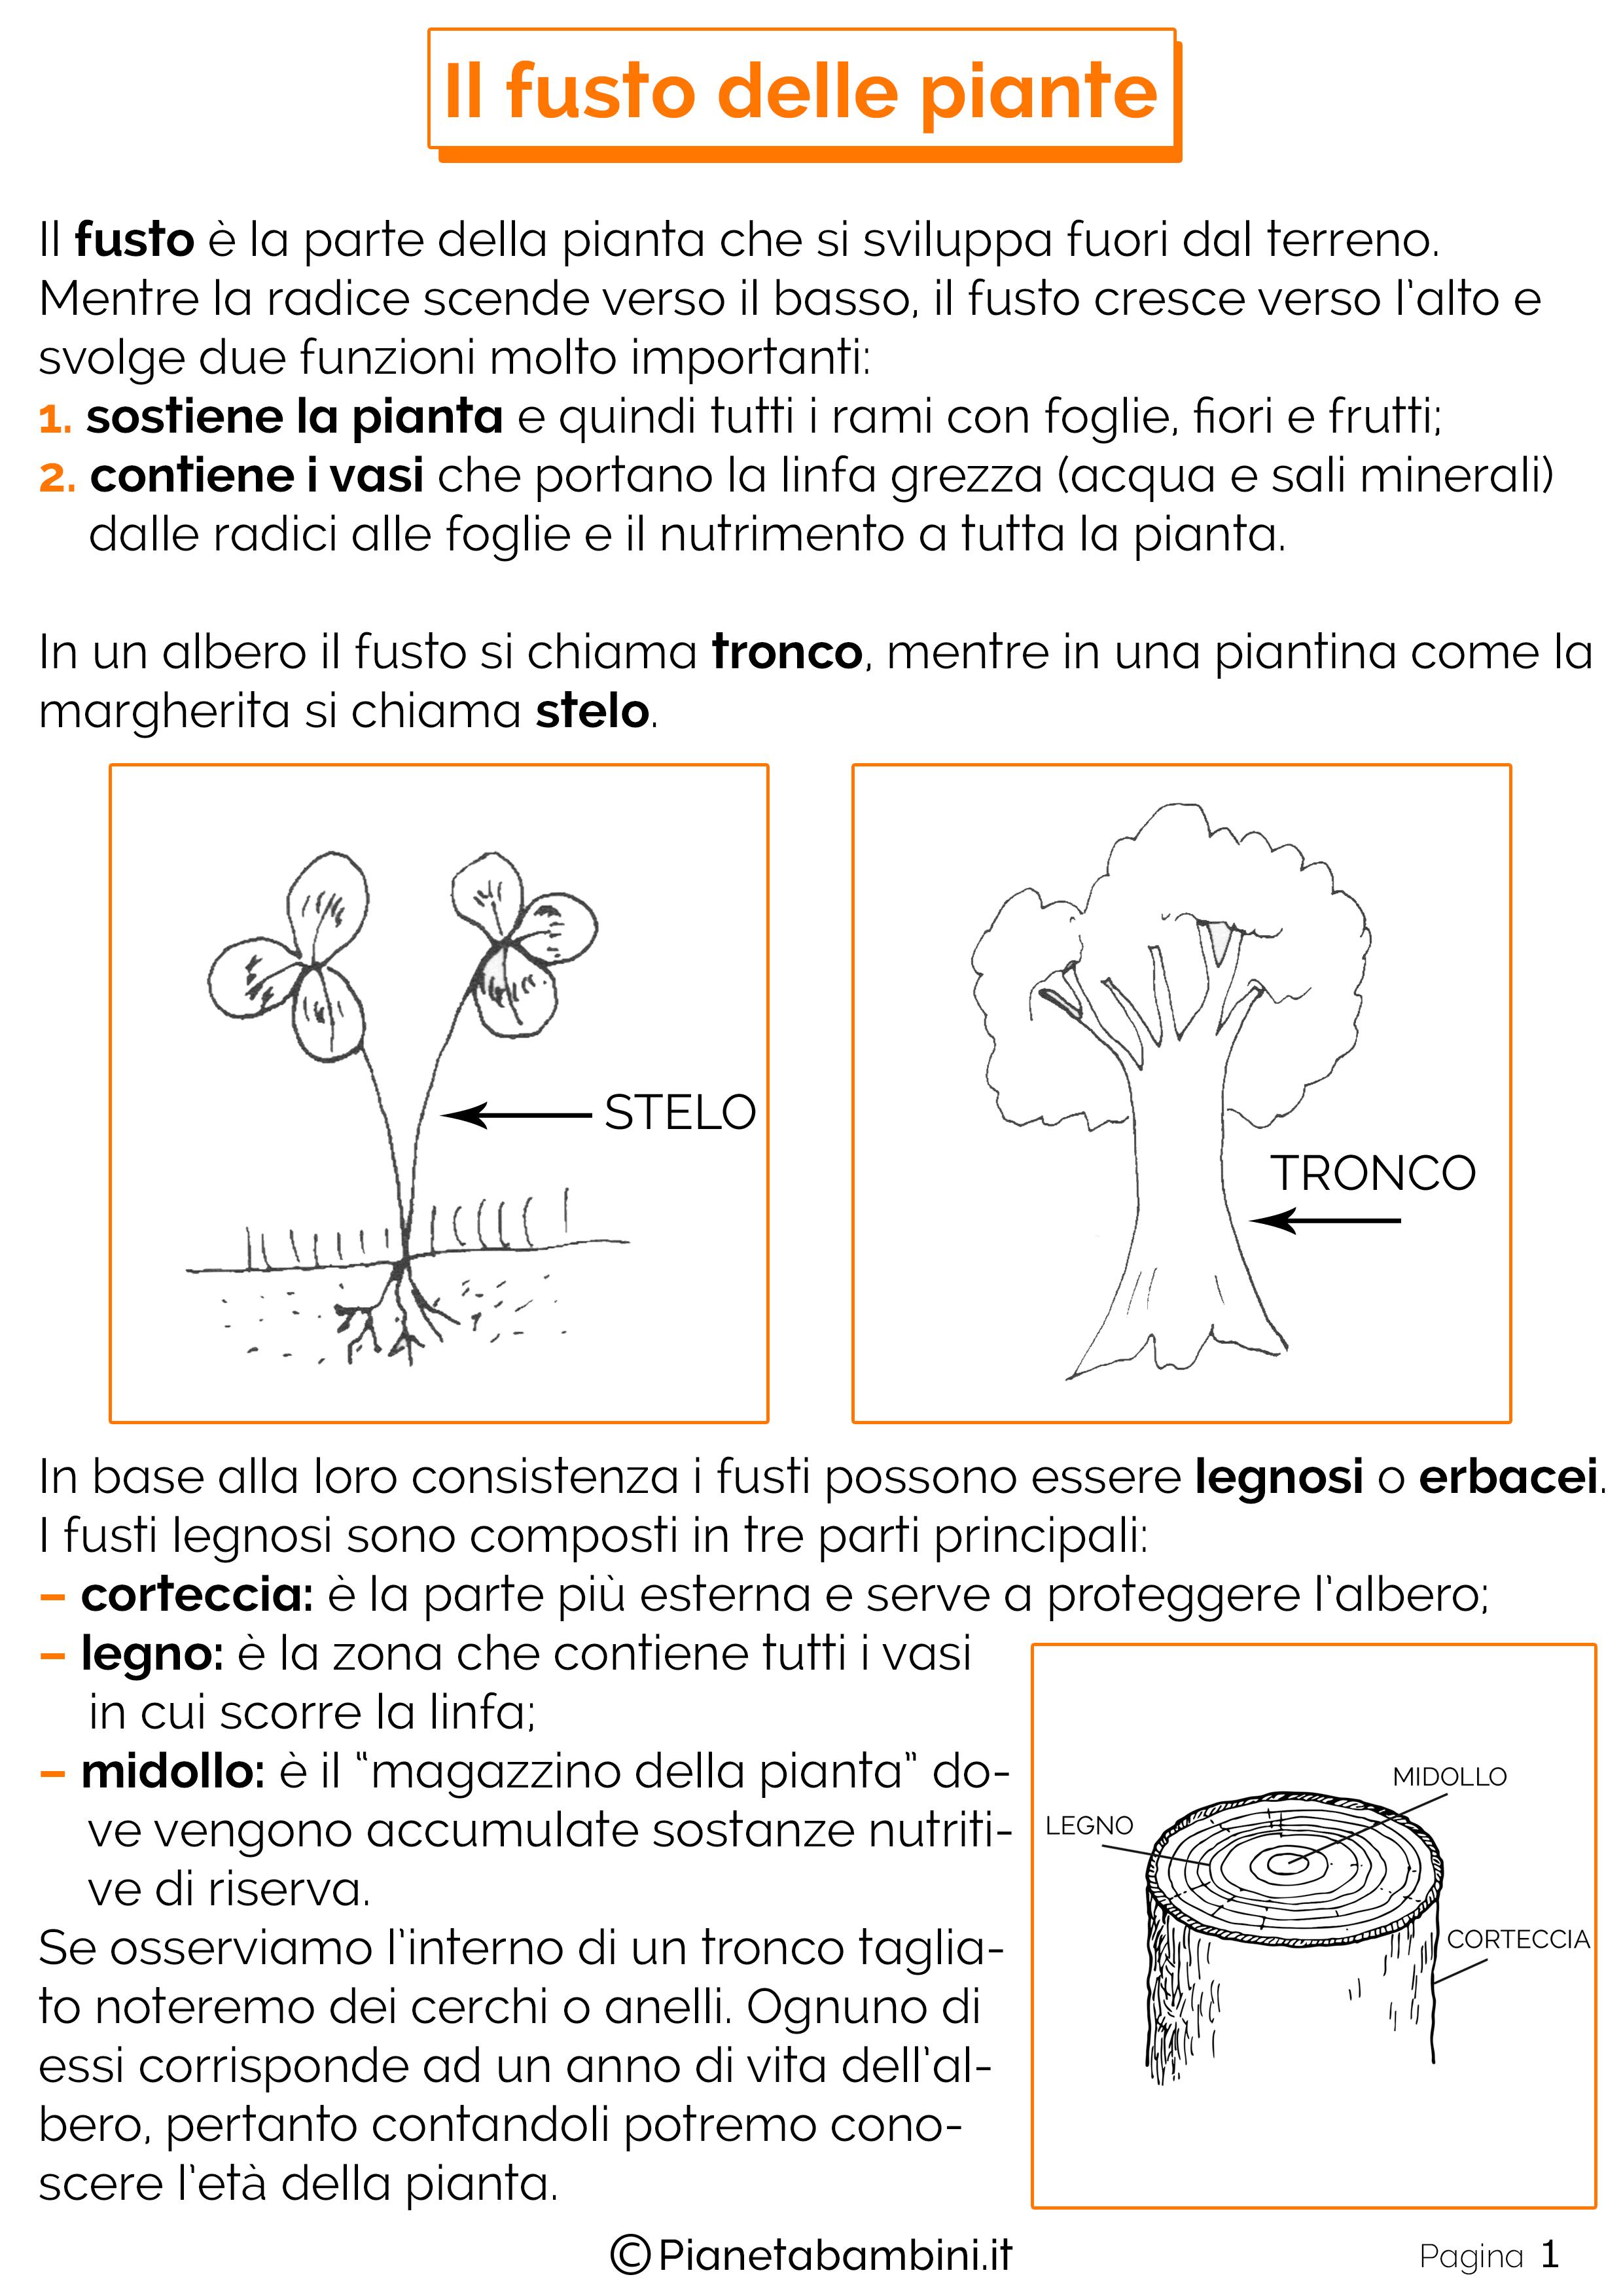 Il Fusto Delle Piante Schede Didattiche Per La Scuola Primaria Pianetabambini It Scienza Per Bambini Scuola Schede Didattiche